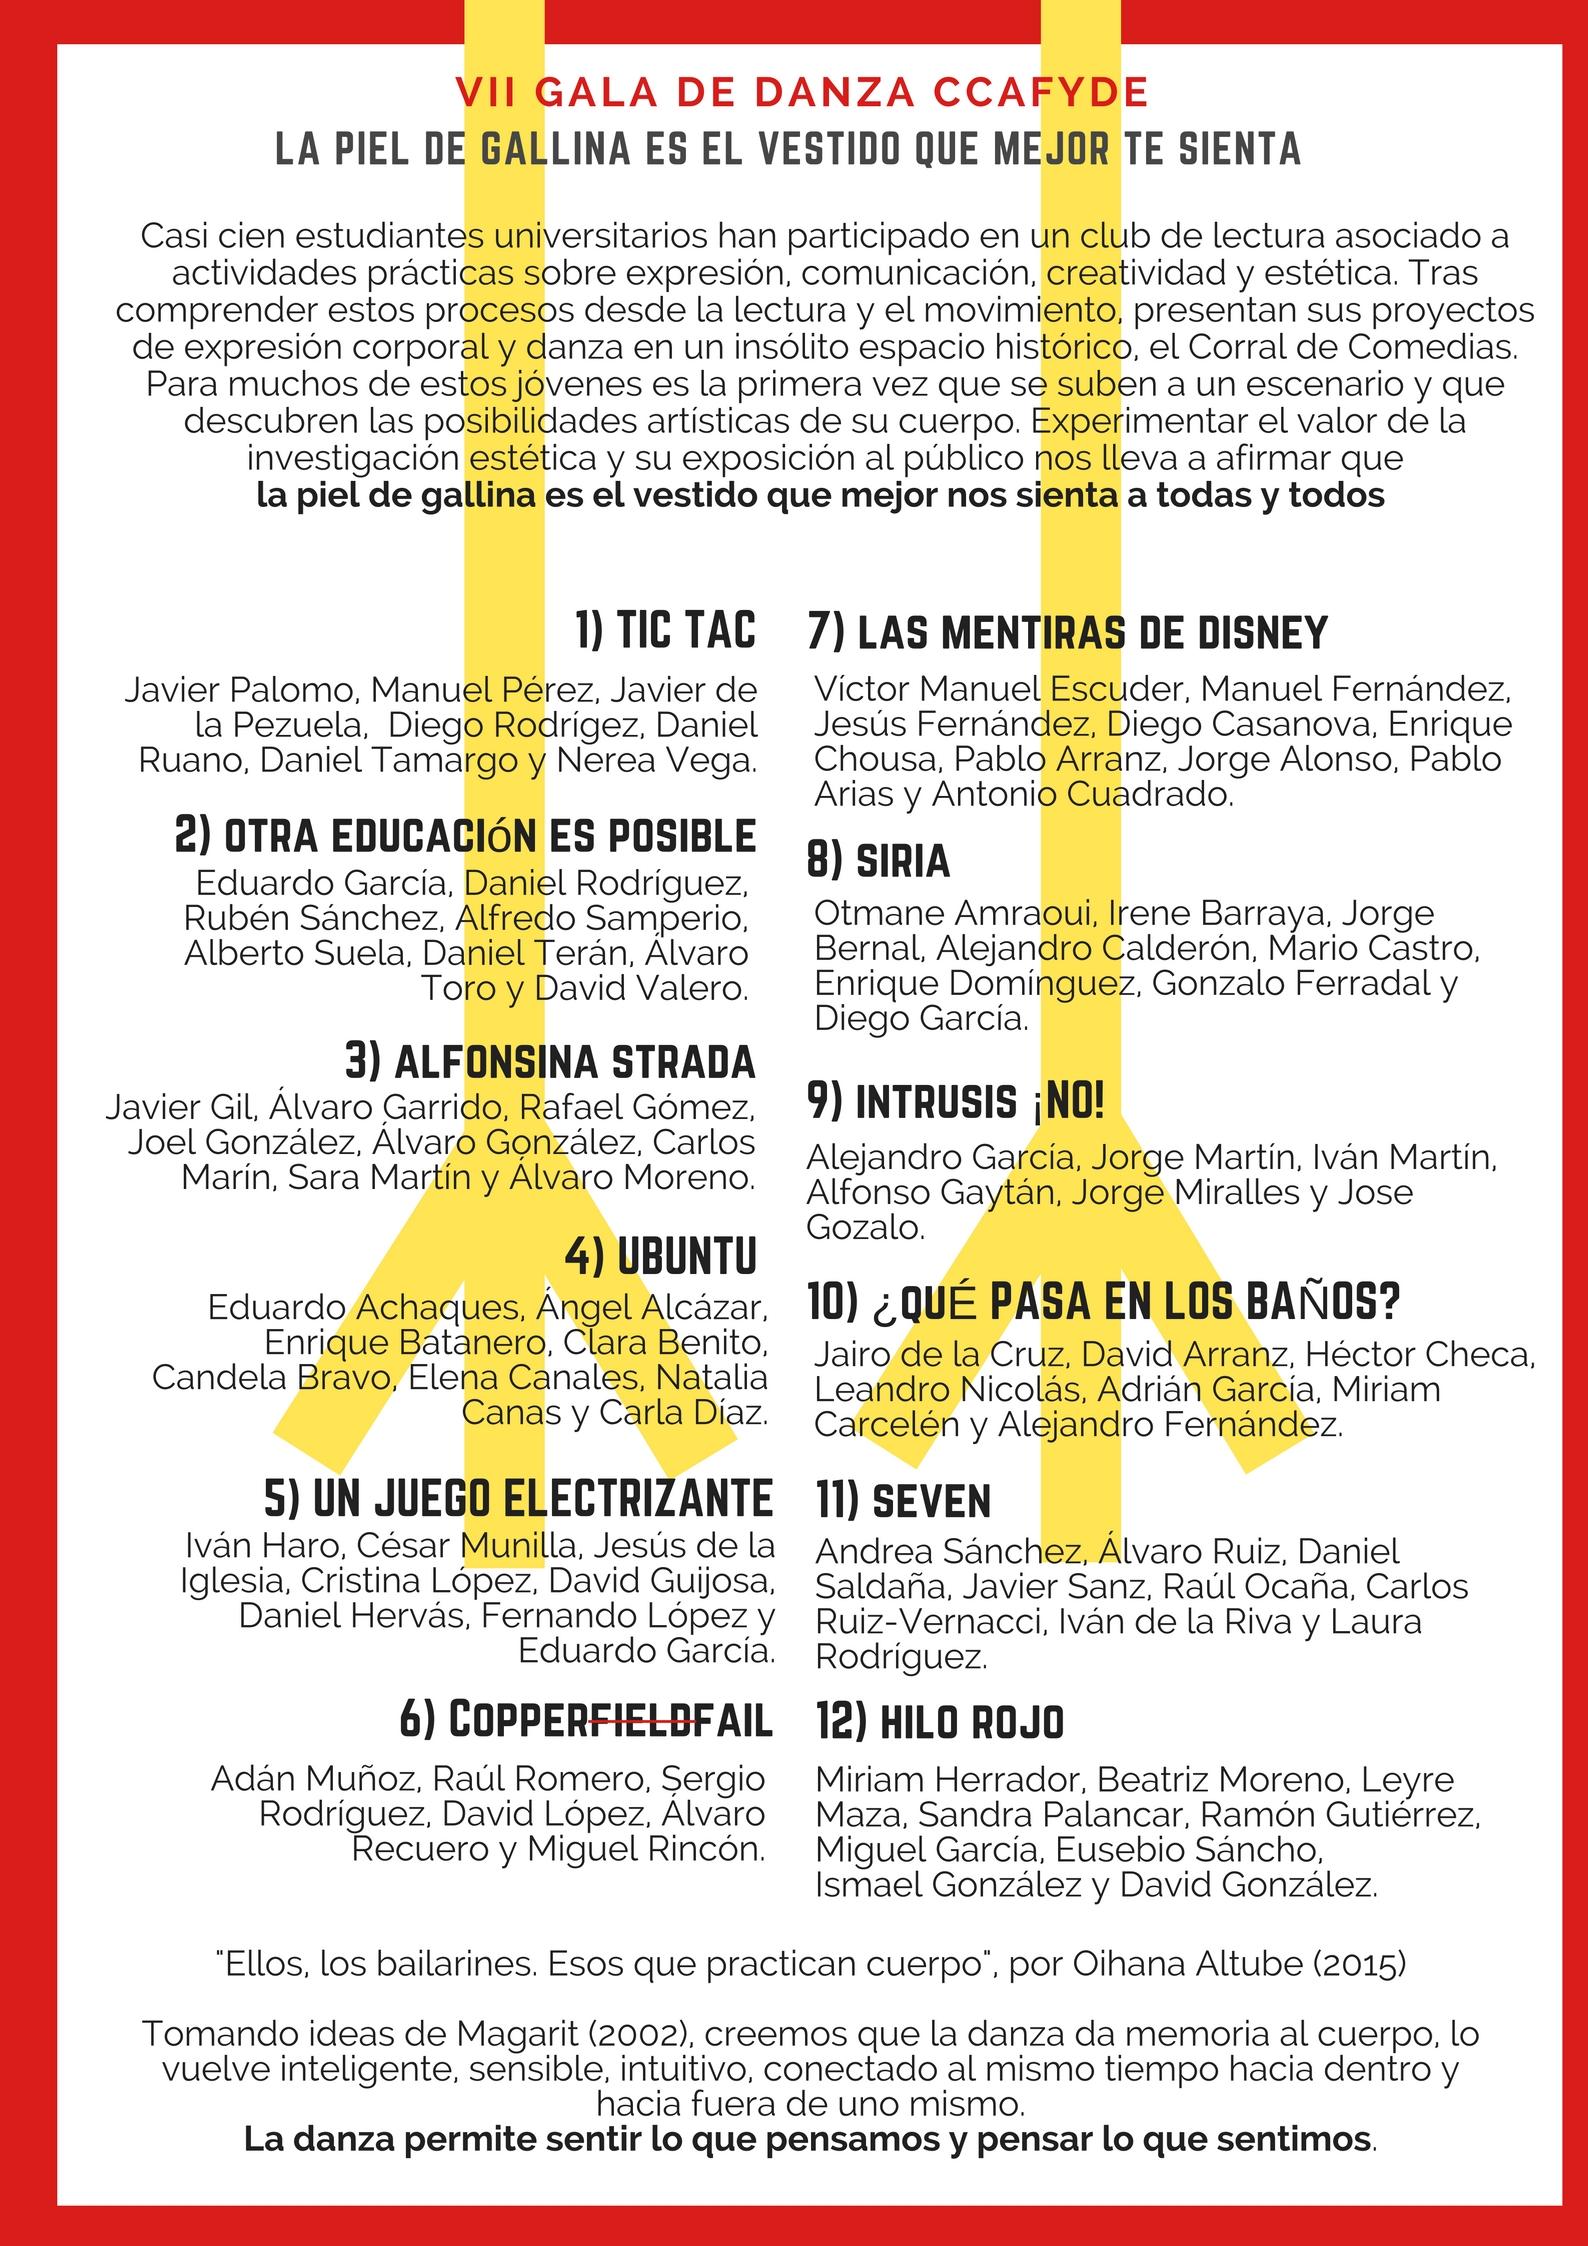 Flyer LA PIEL DE GALLINA ES EL VESTIDO QUE MEJOR TE SIENTA (1).jpg